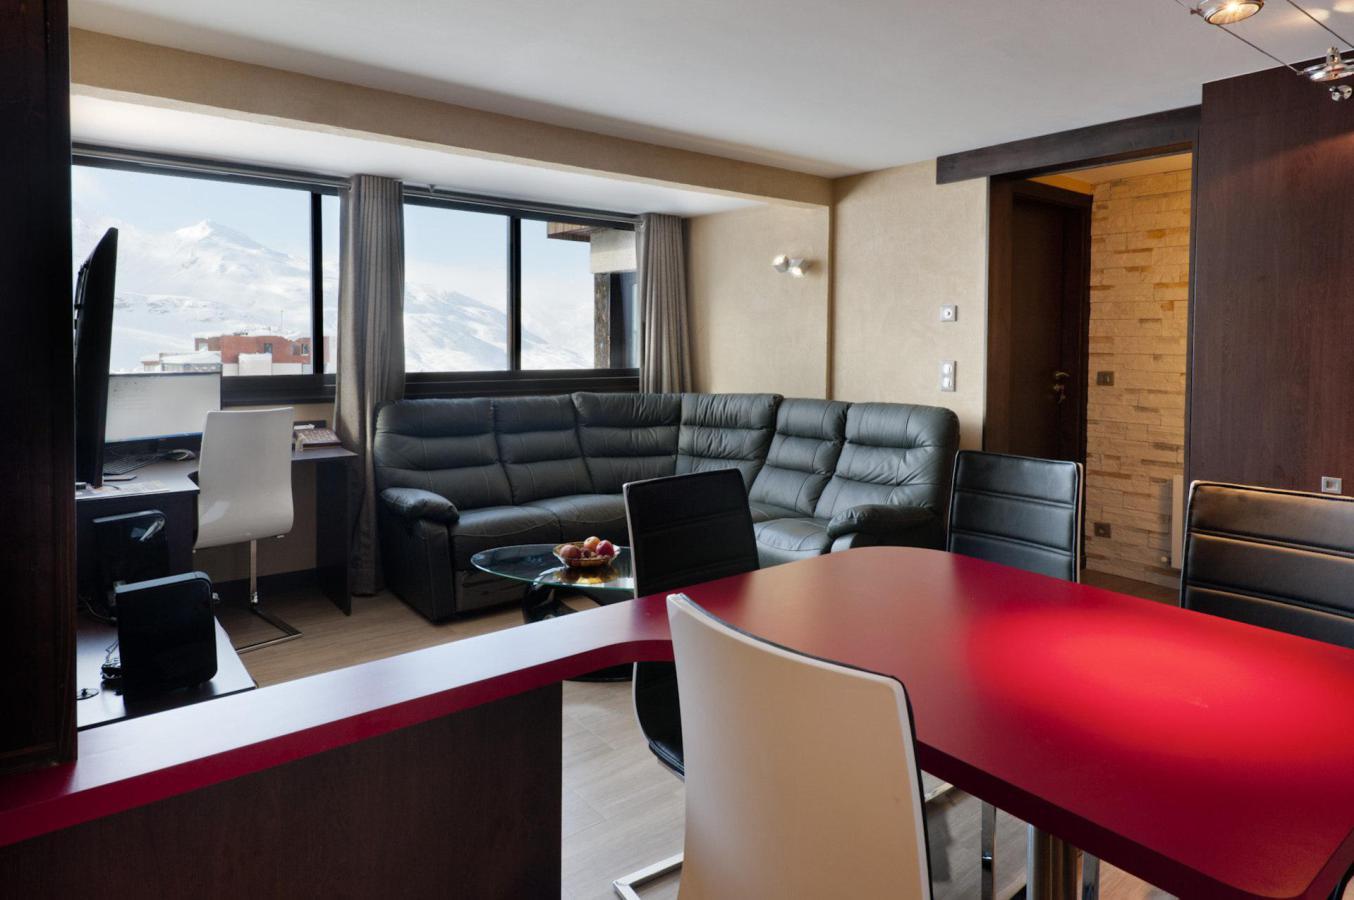 Location au ski Appartement 3 pièces cabine 6 personnes (198) - Residence Neves - Val Thorens - Sèche-chaussure de ski